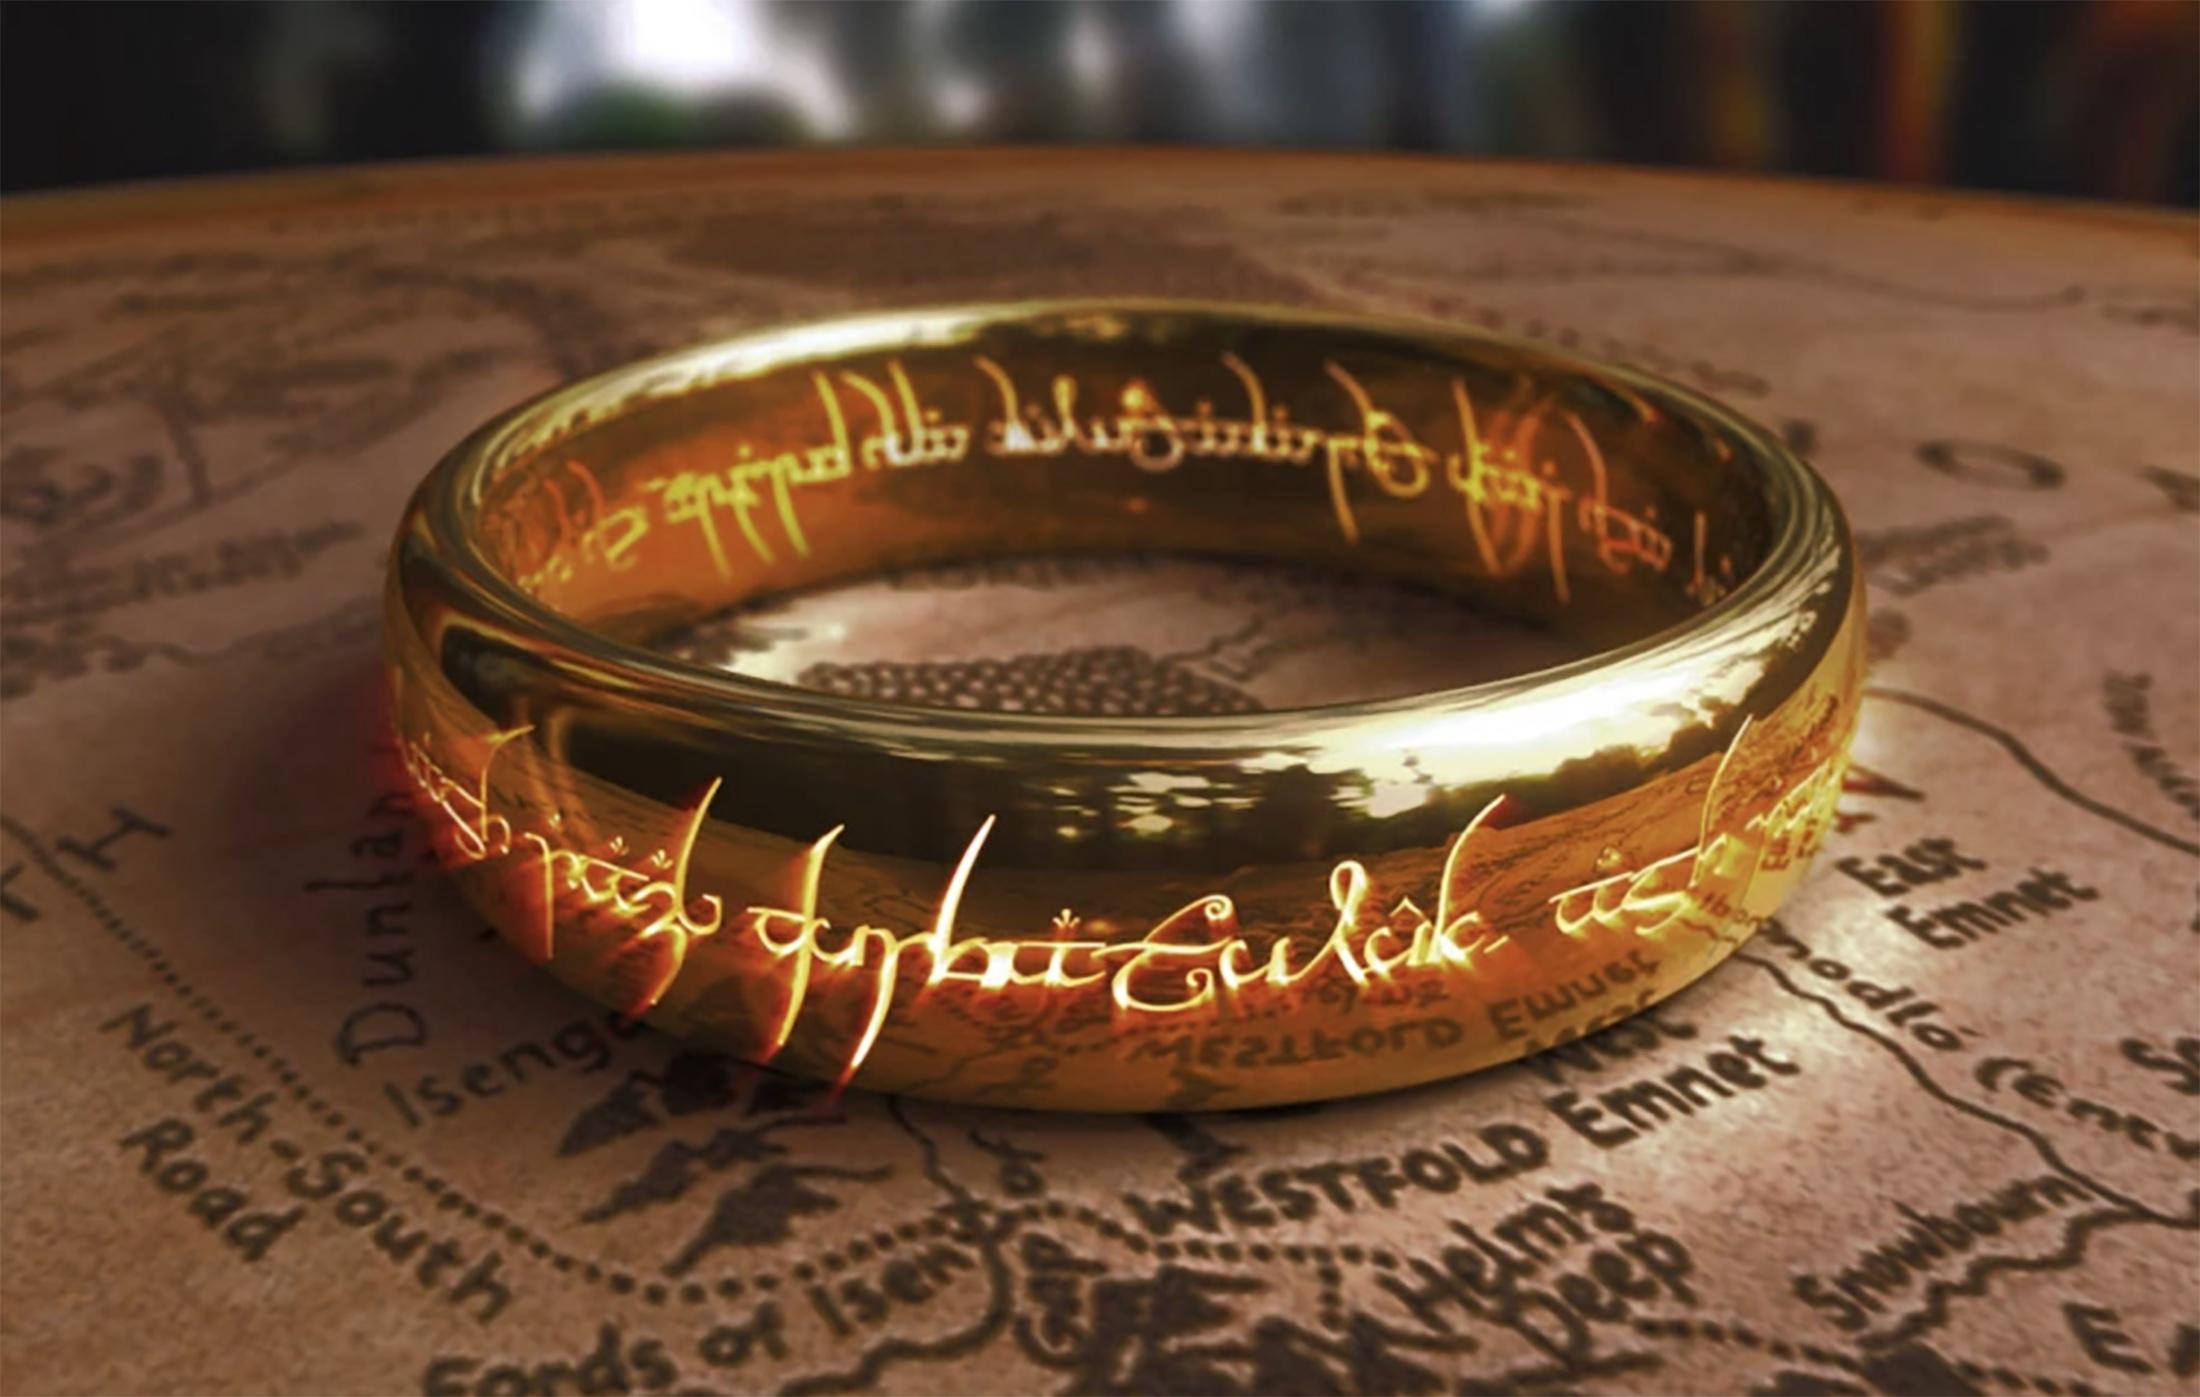 im Zusammenhang mit Amazon bricht das vor zwei Jahren angekündigte Spiel Lord of the Rings ab